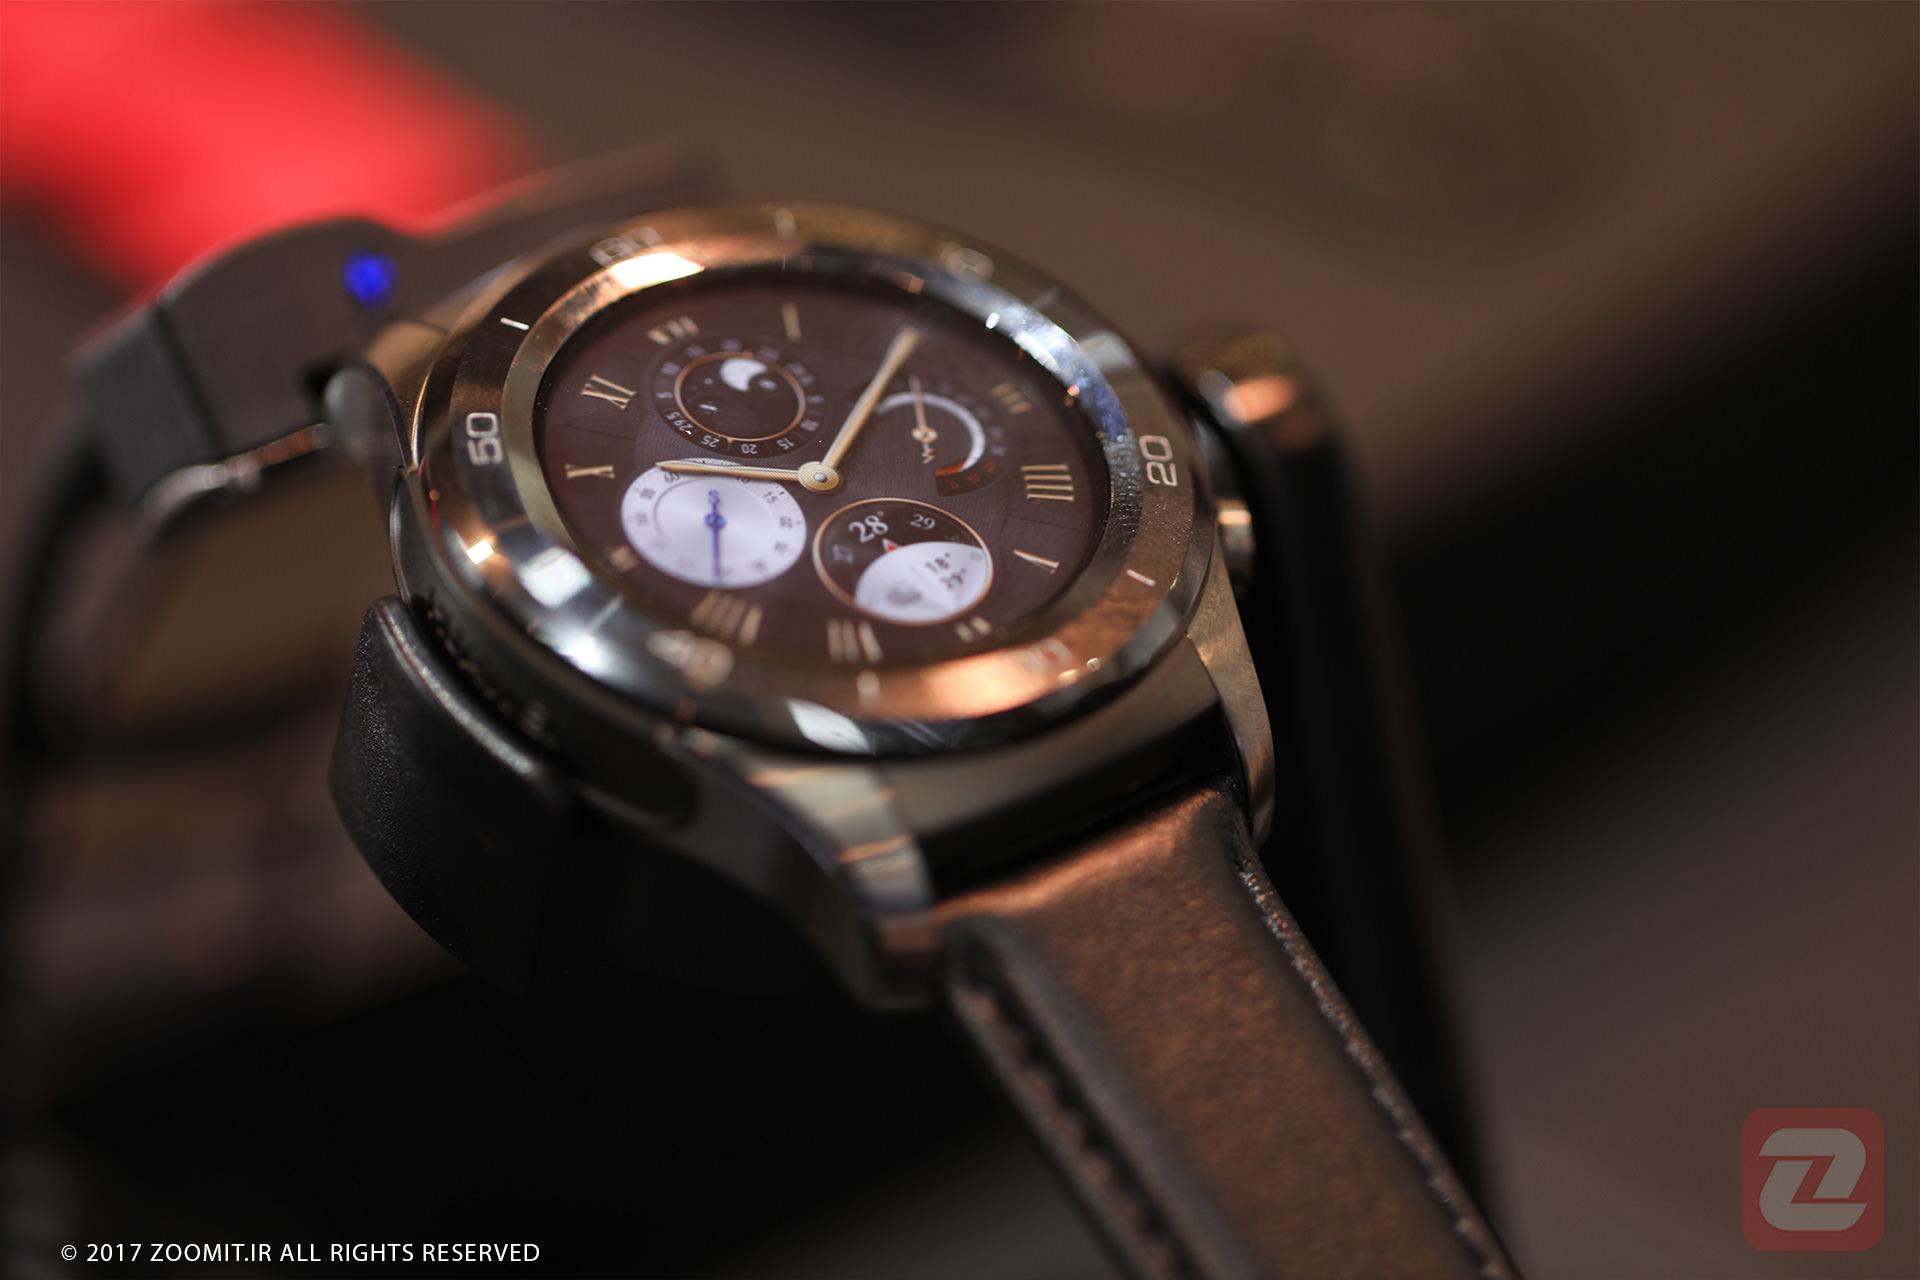 هواوی واچ GT و دستبند تناسب اندام هواوی Terra بهزودی معرفی میشوند